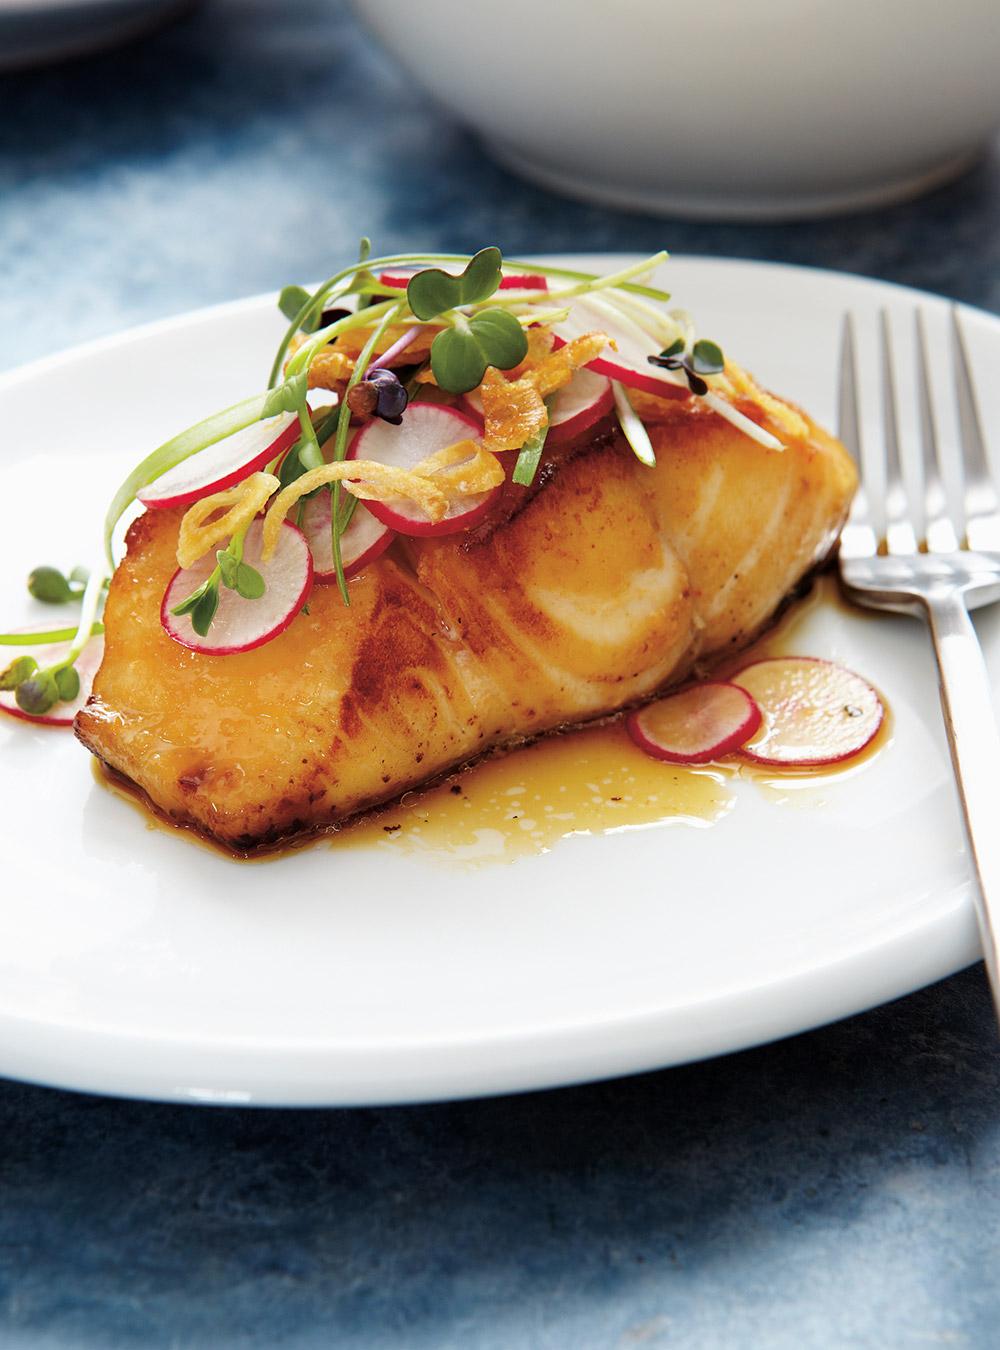 Cuisinez les poissons comme un chef  page 5 | ricardo